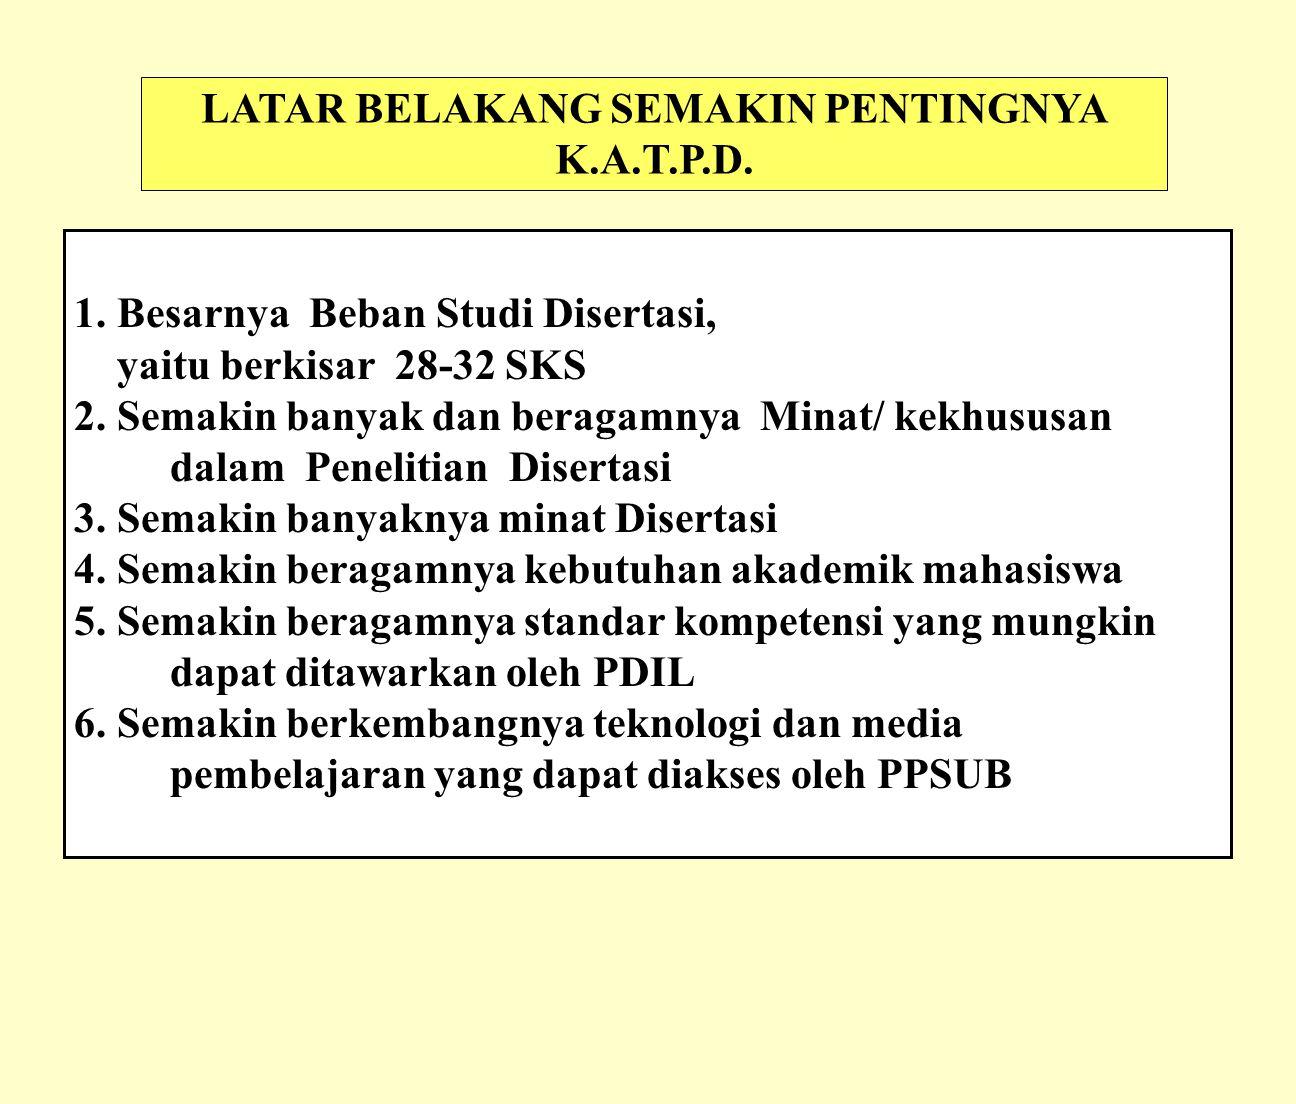 LATAR BELAKANG SEMAKIN PENTINGNYA K.A.T.P.D.1.